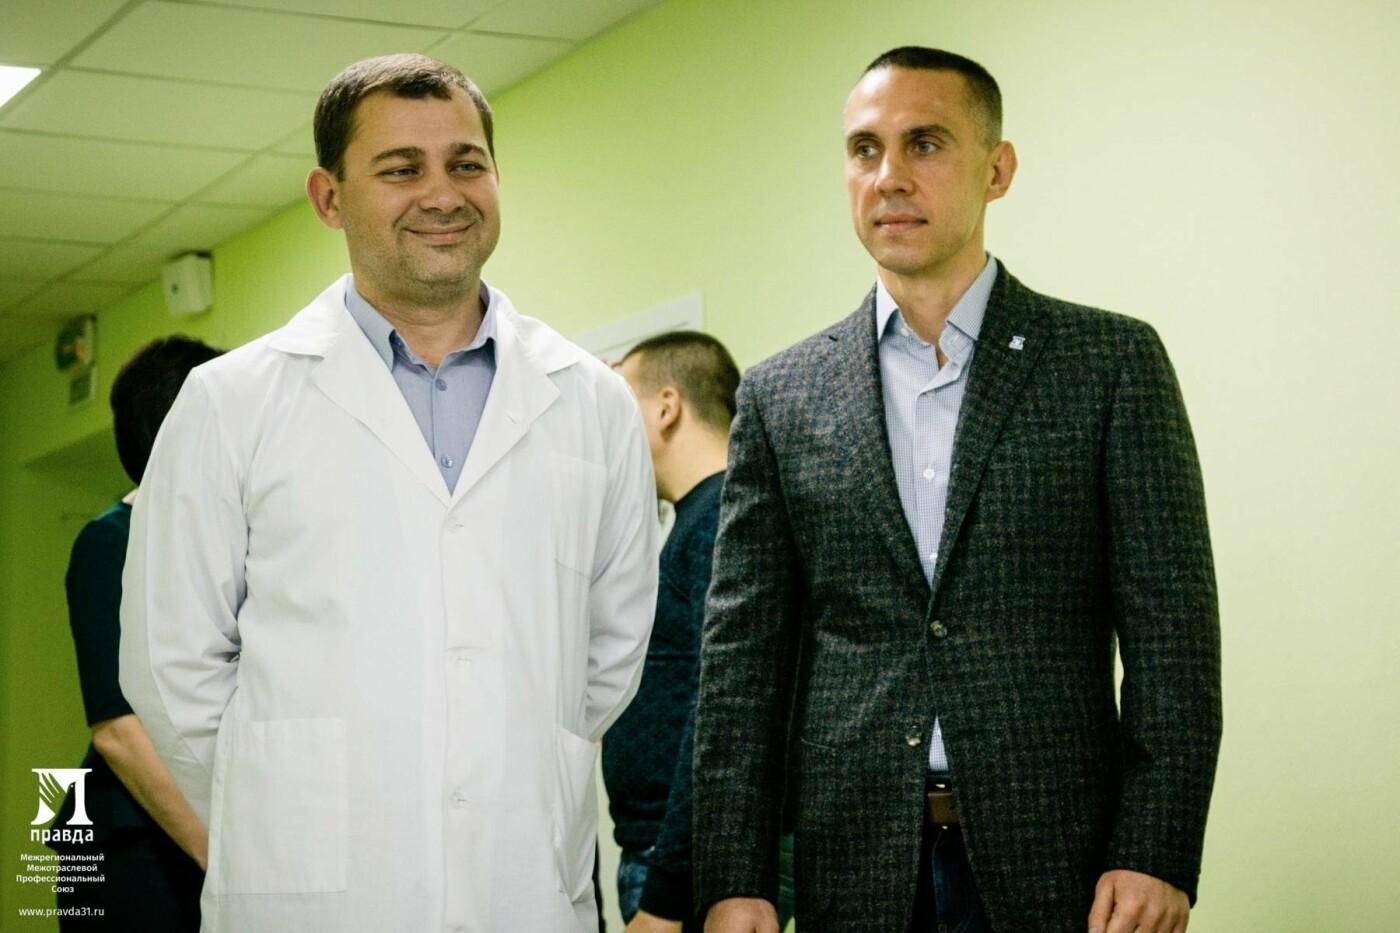 Профсоюз «Правда» подарил новый зал лечебной физкультуры пациентам детской областной клинической больницы, фото-14